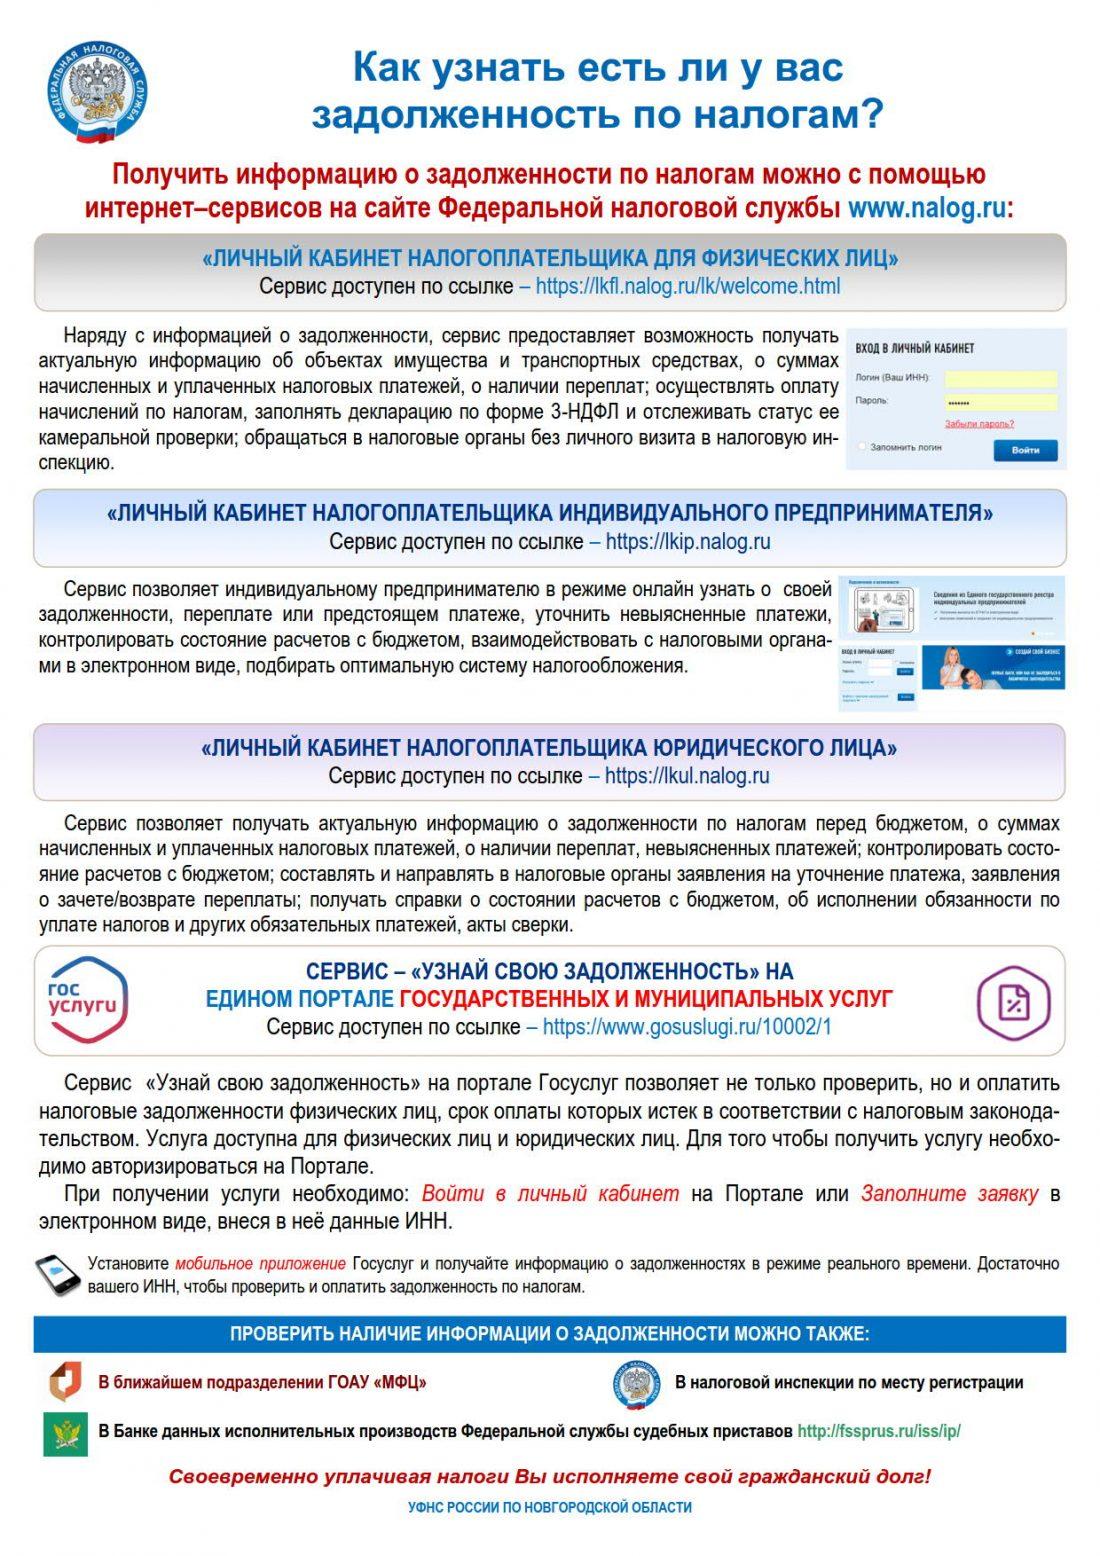 List_31.05.2018_задолженность_Диалог_1